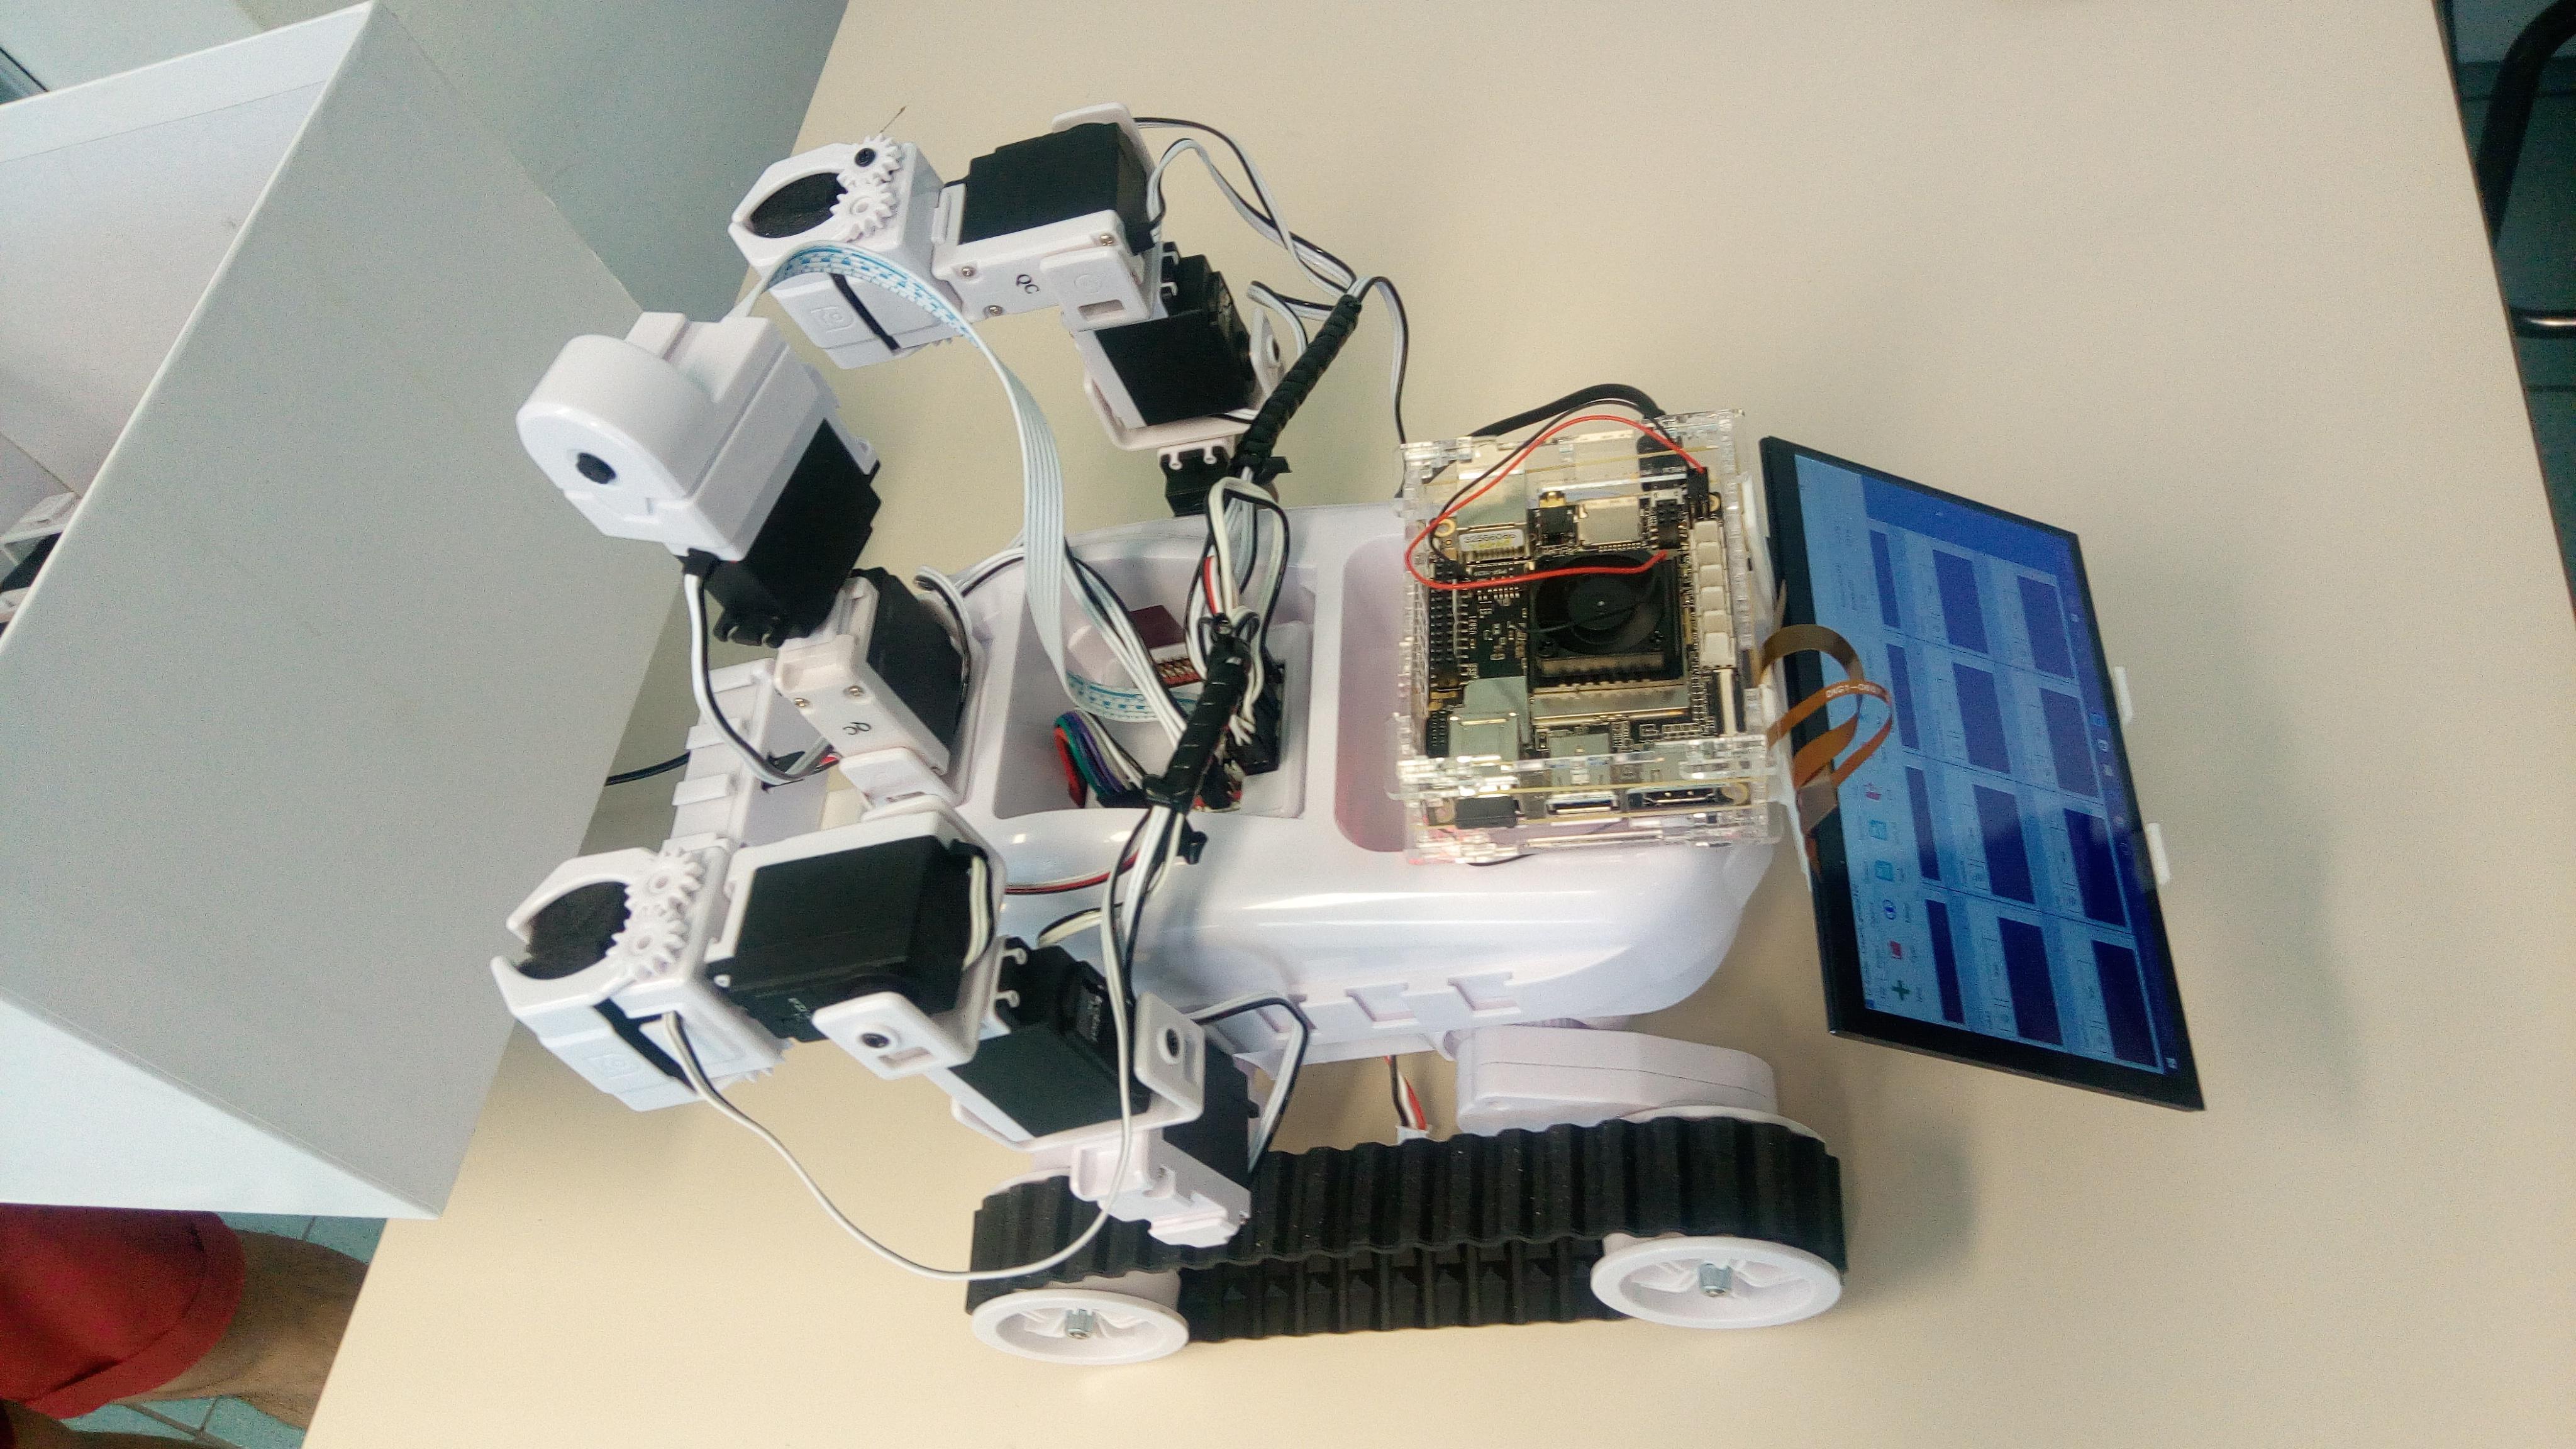 CAESAR AI-ROBOT RESCUE